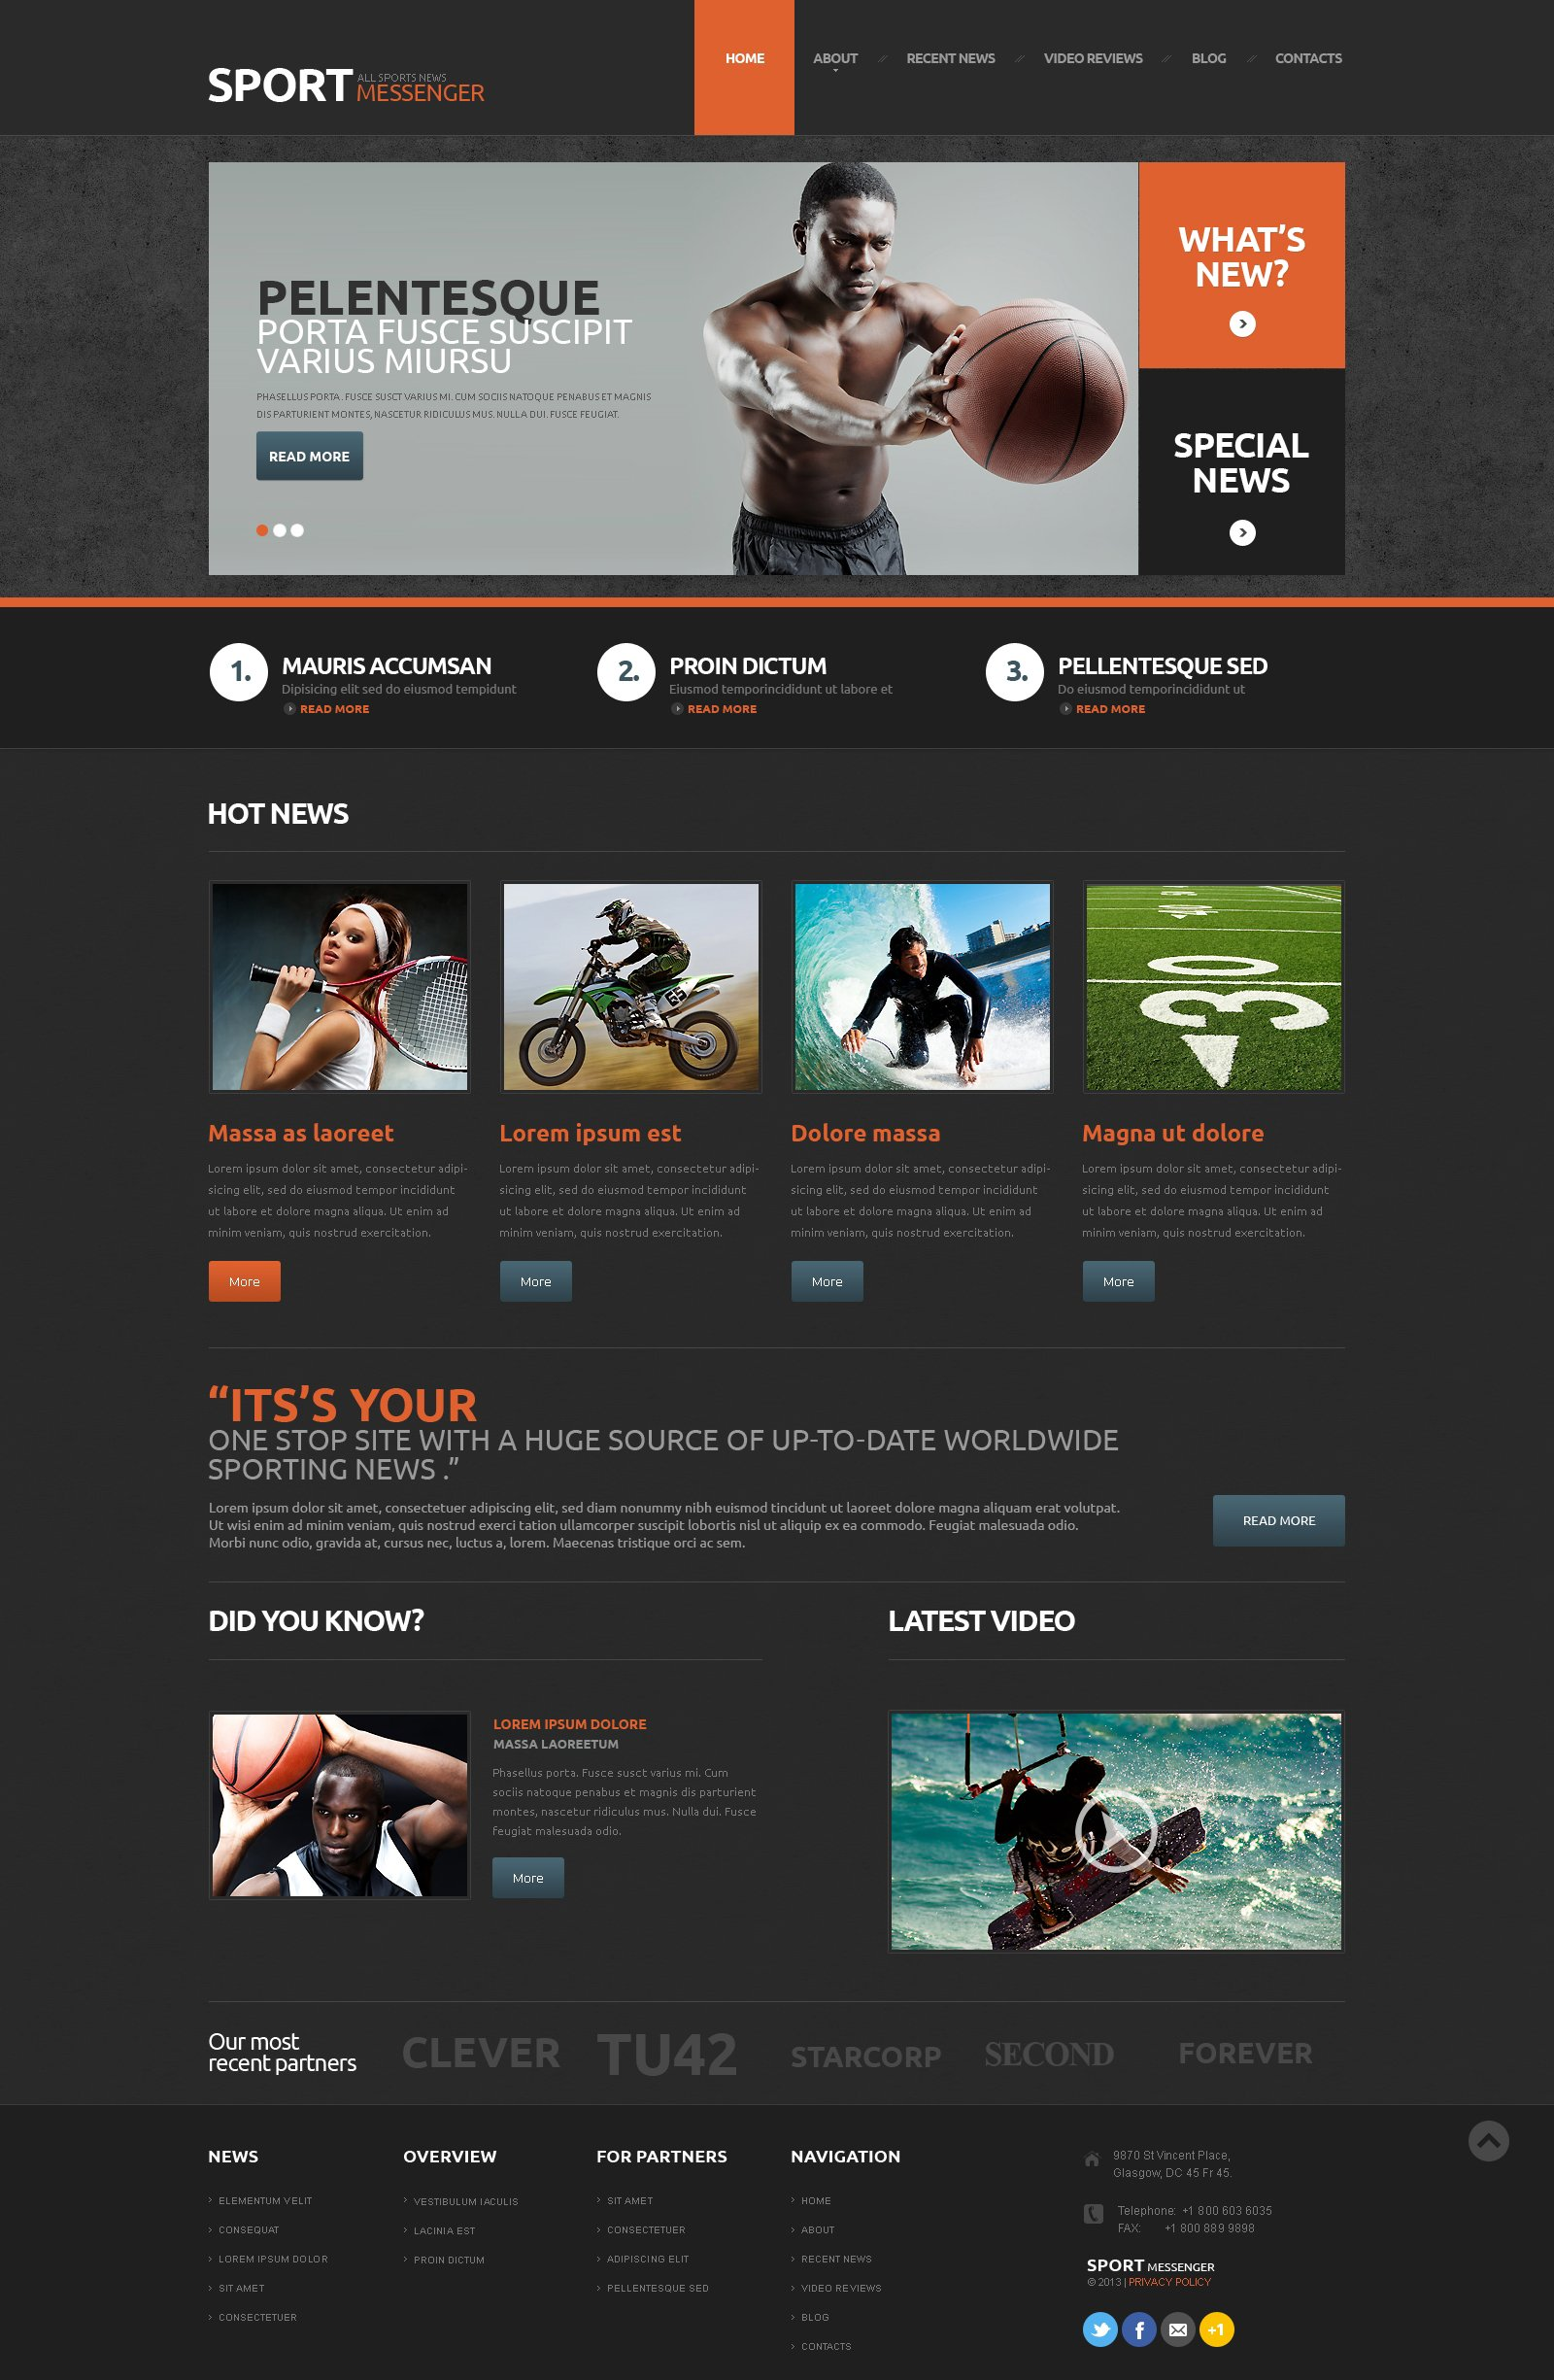 Modello WordPress Responsive #48602 per Un Sito di Notizie Sportive